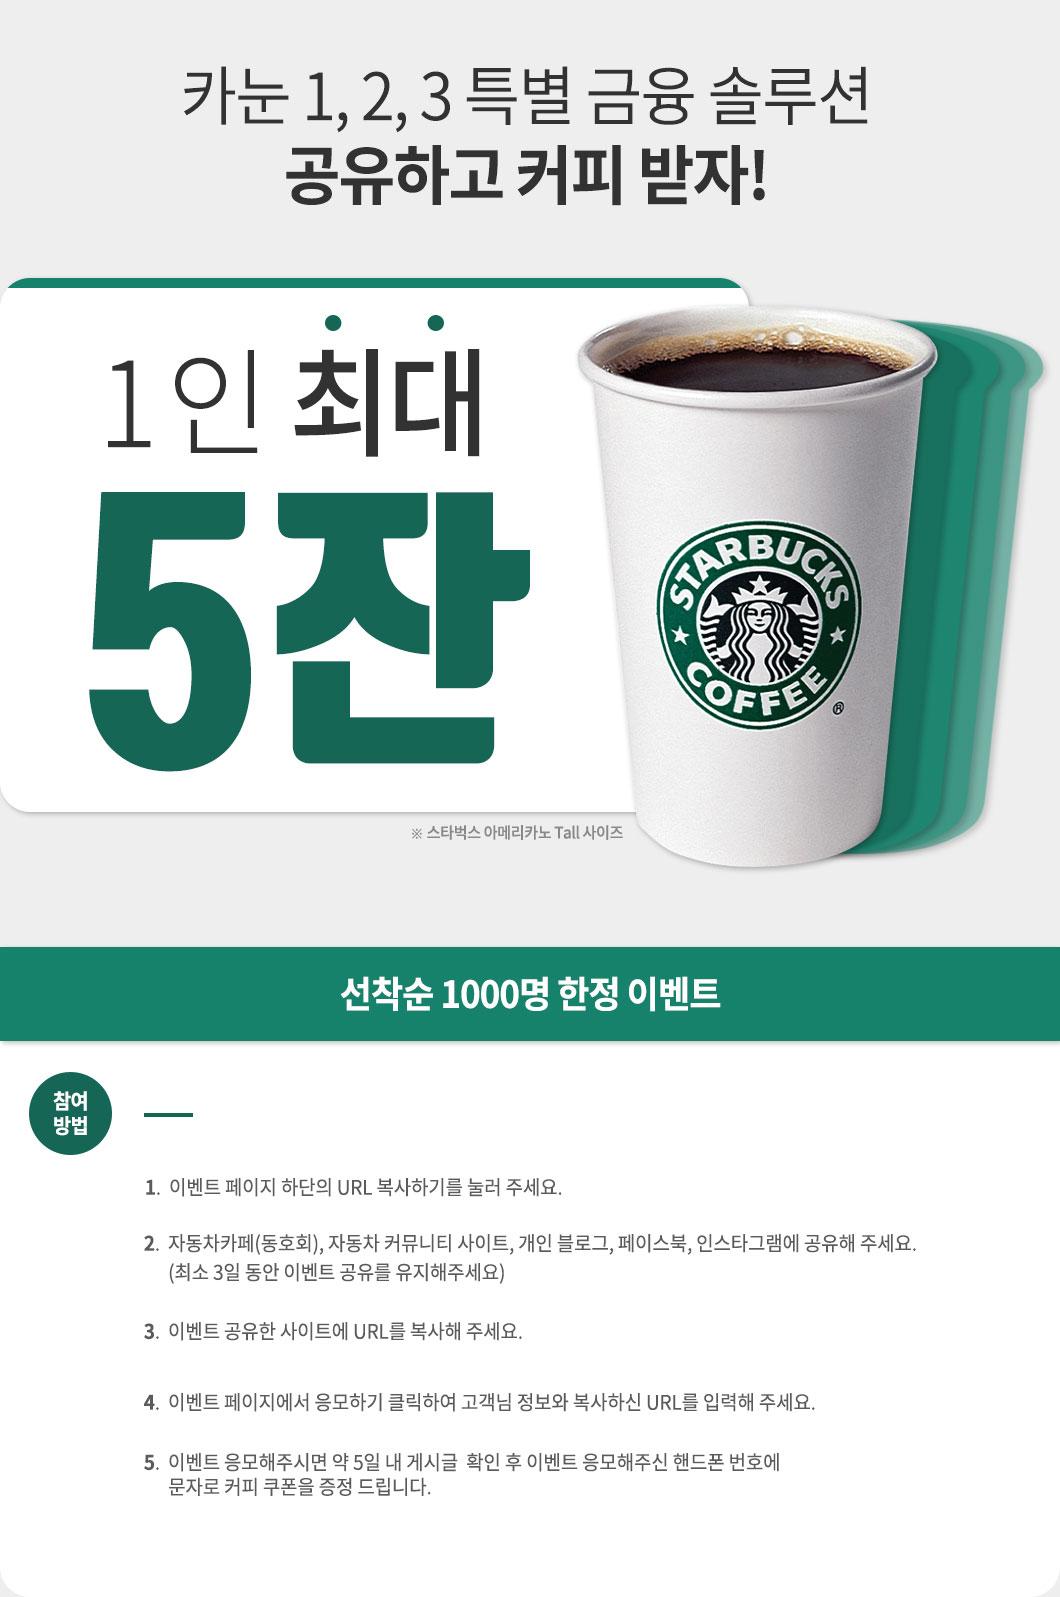 카눈 다이렉트 1,2,3 금융 솔루션 페이지 공유하고 스타벅스 커피 5잔 받자